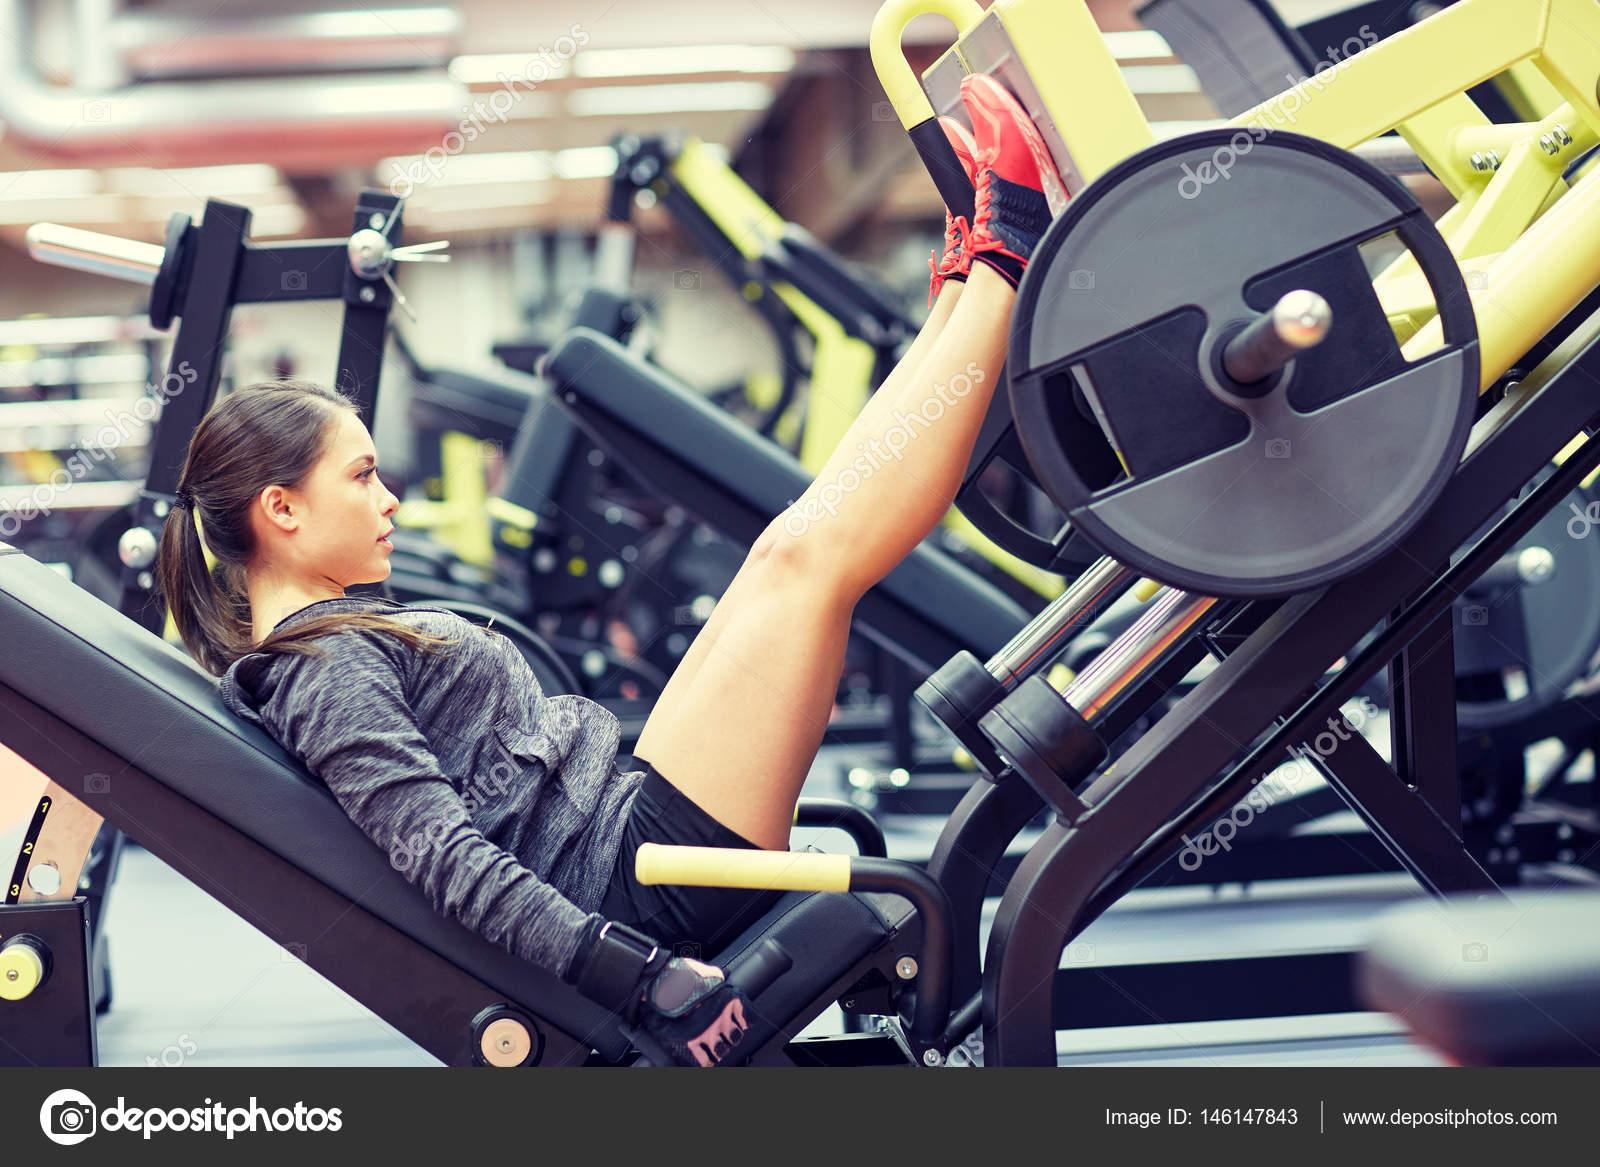 Machine Sur Femme Dans De Muscles Presse Salle Une Pied Souples fnOrfRq